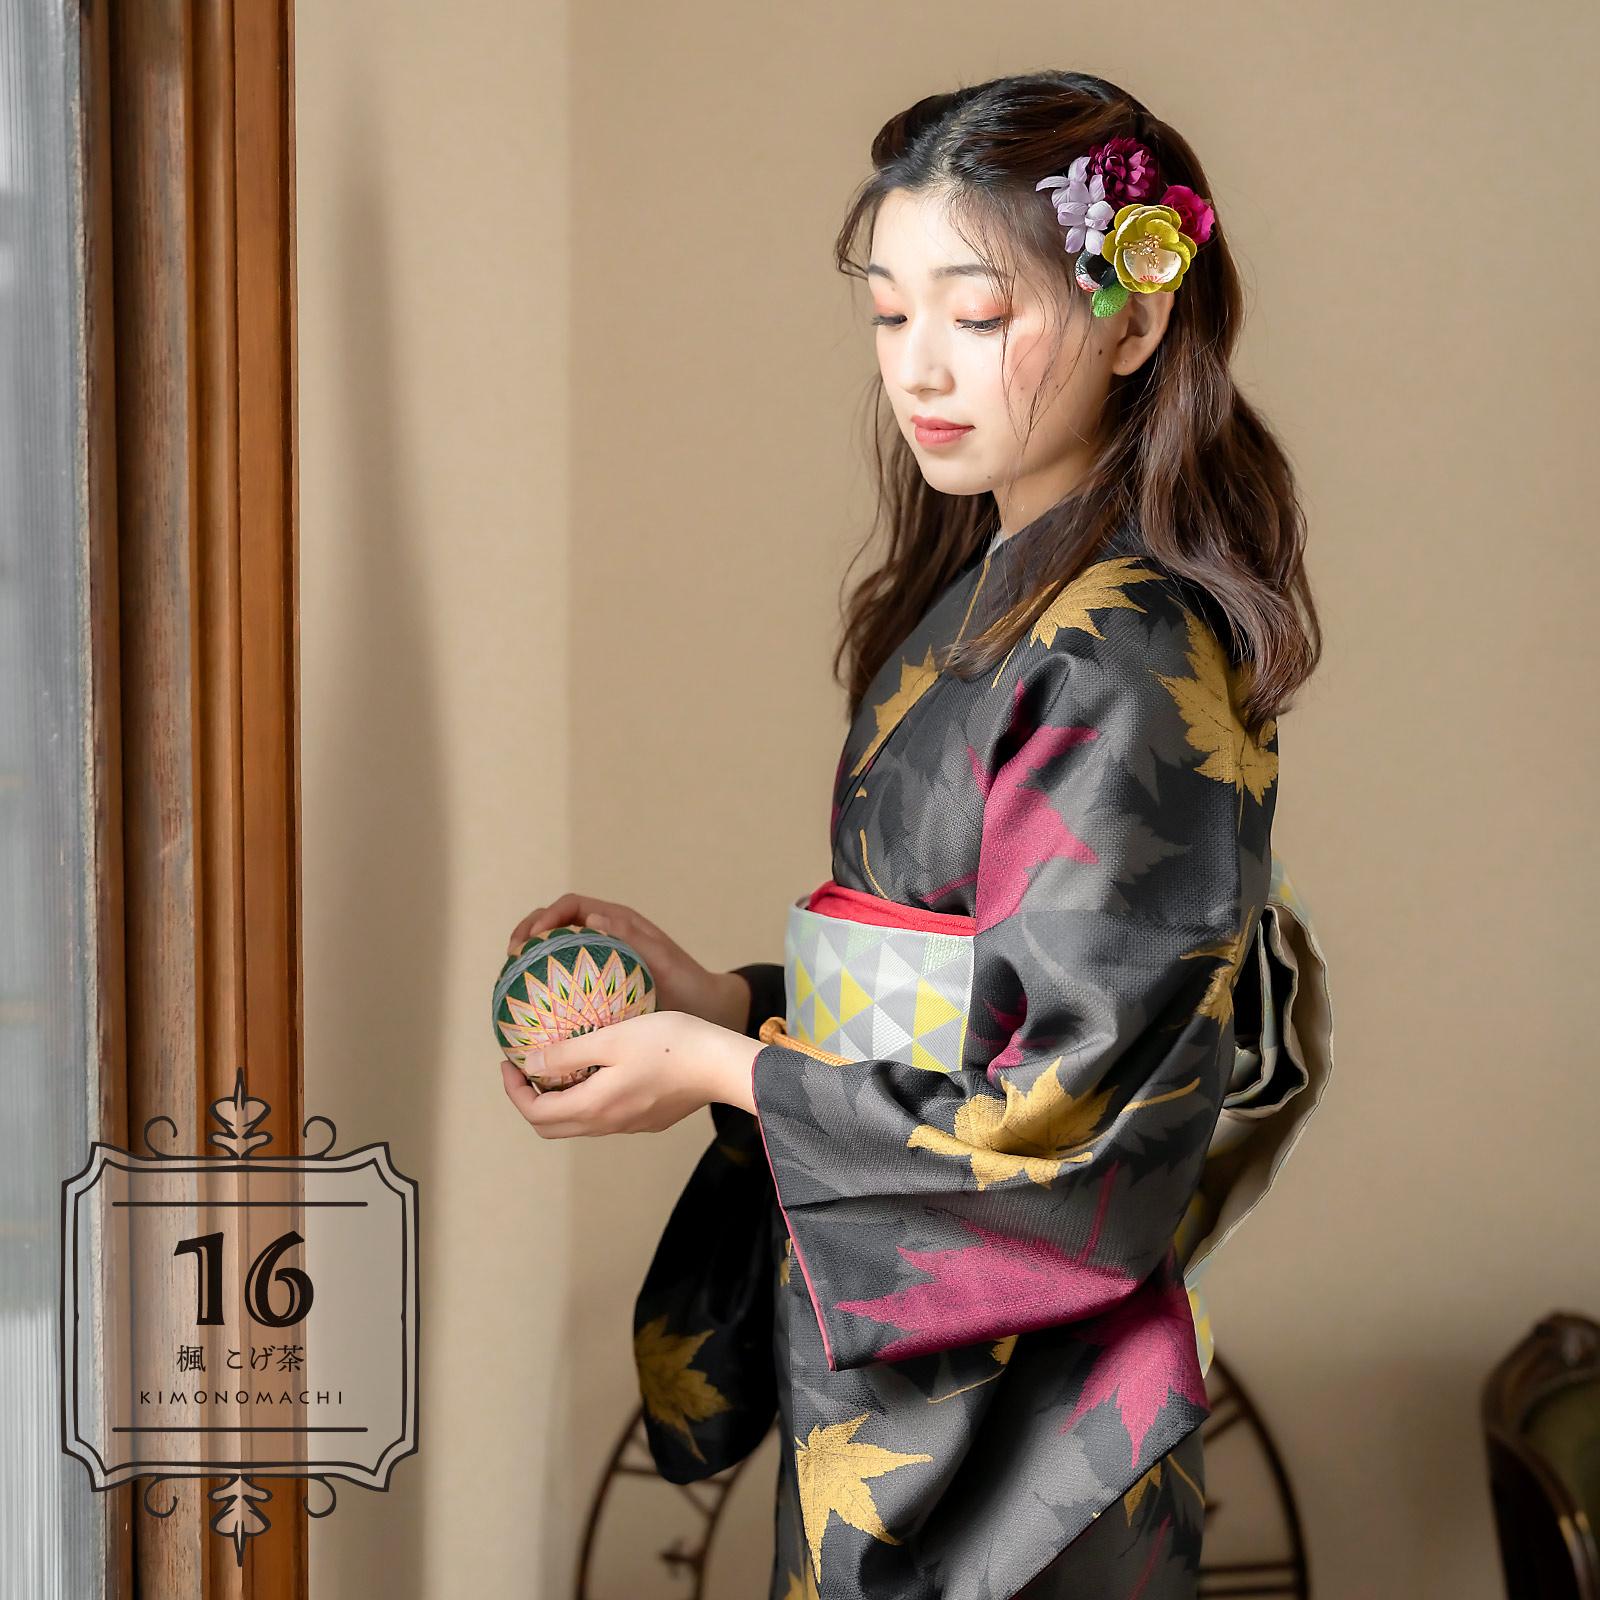 16楓 こげ茶